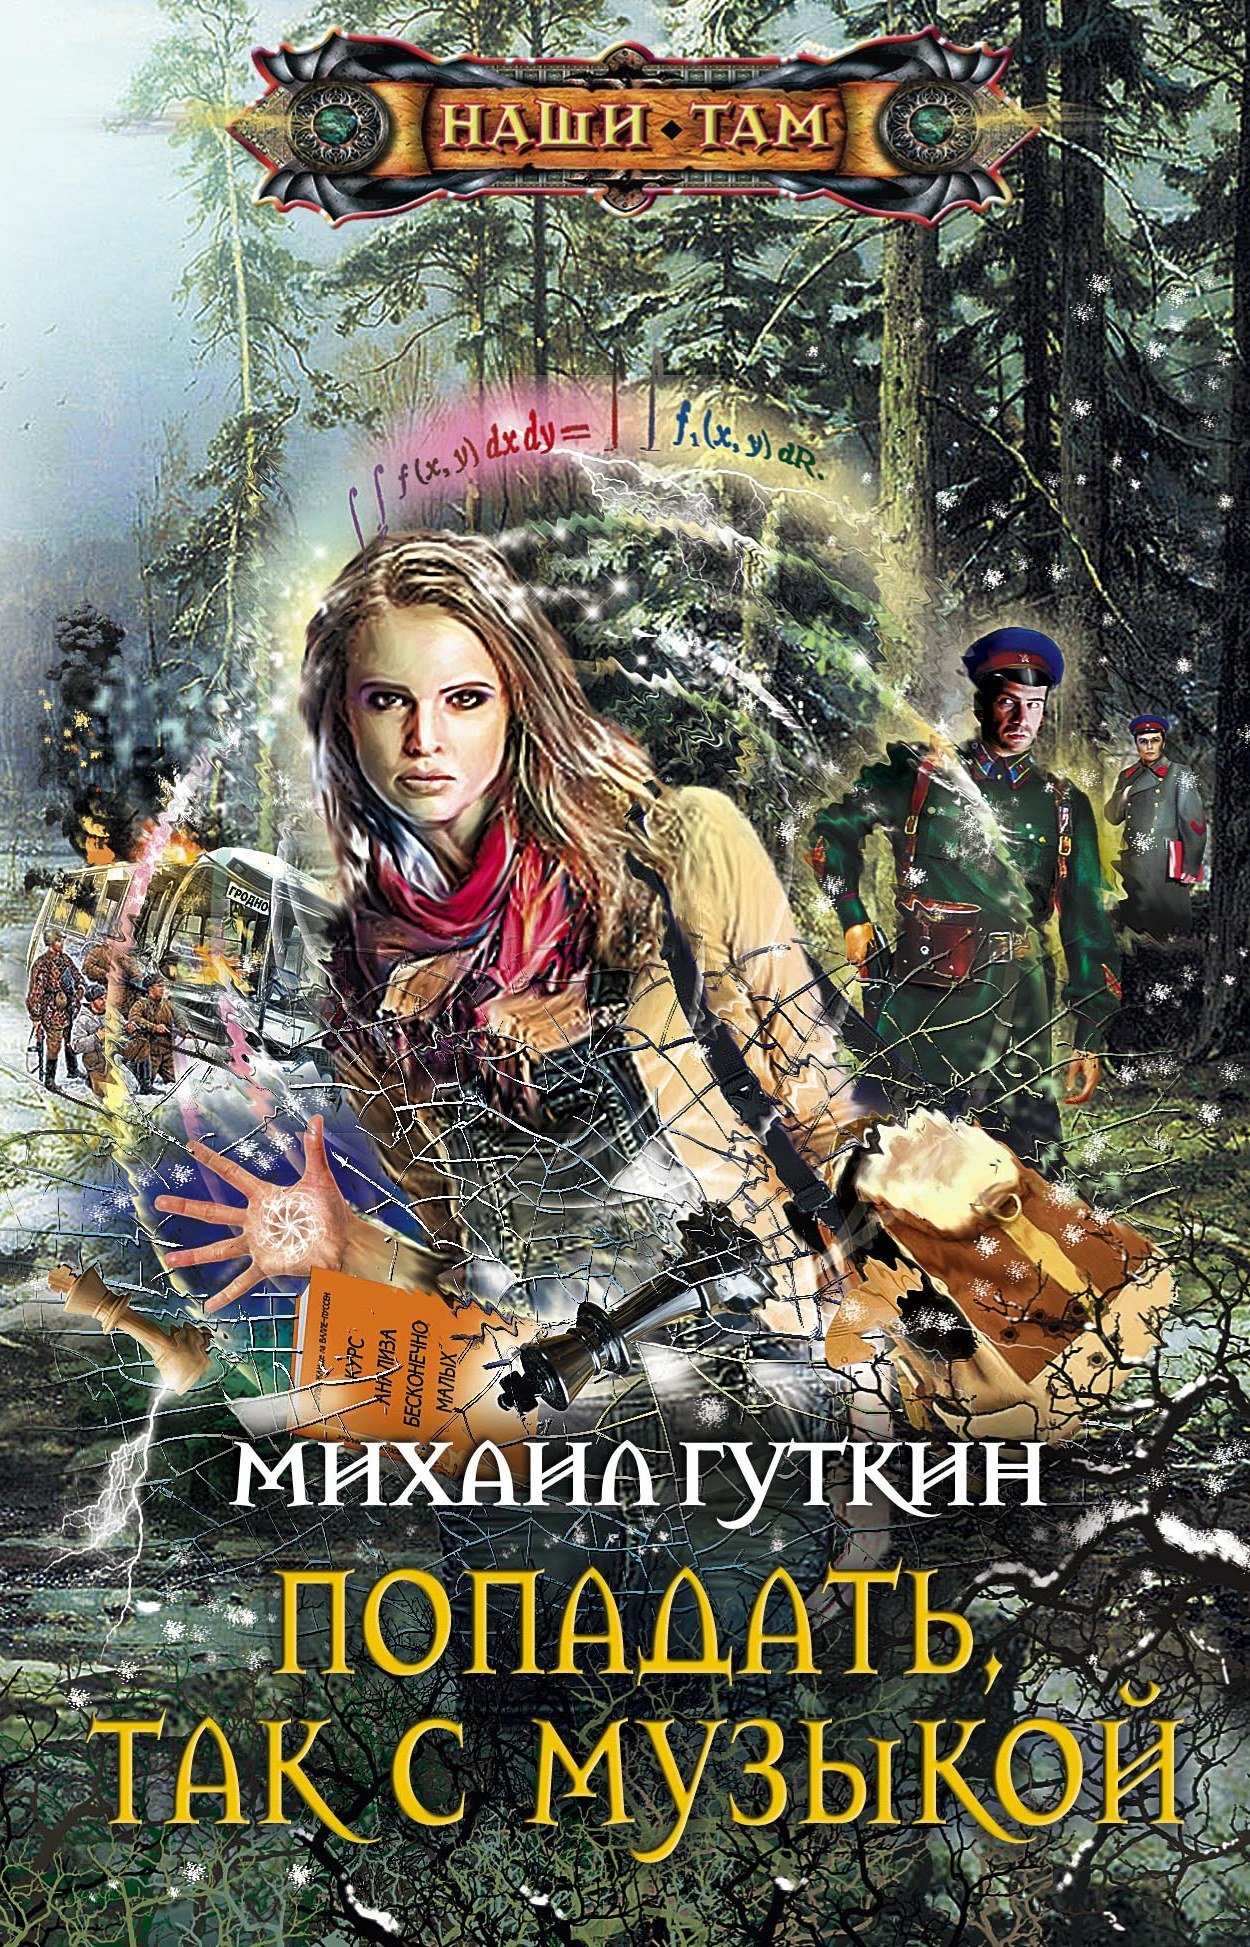 Михаил Гуткин Попадать, так с музыкой гуткин м попадать так с музыкой isbn 9785227027801